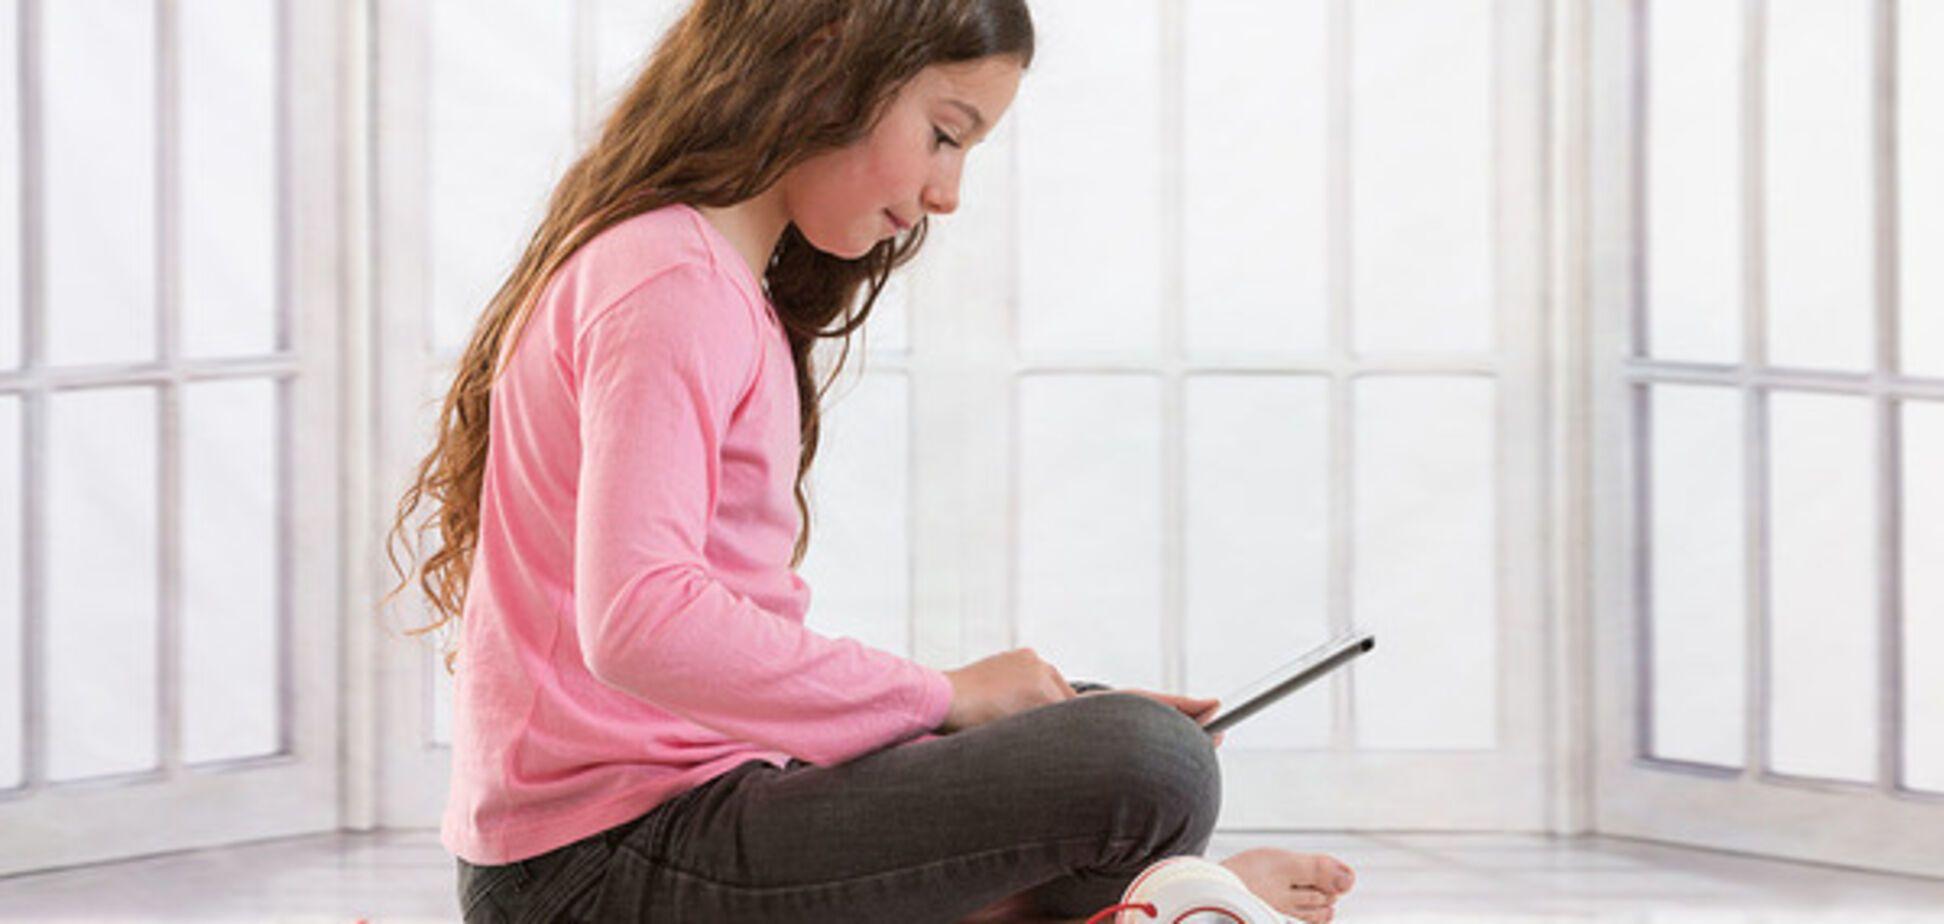 Ученые рассказали, почему электронные книги для детей лучше, чем бумажные